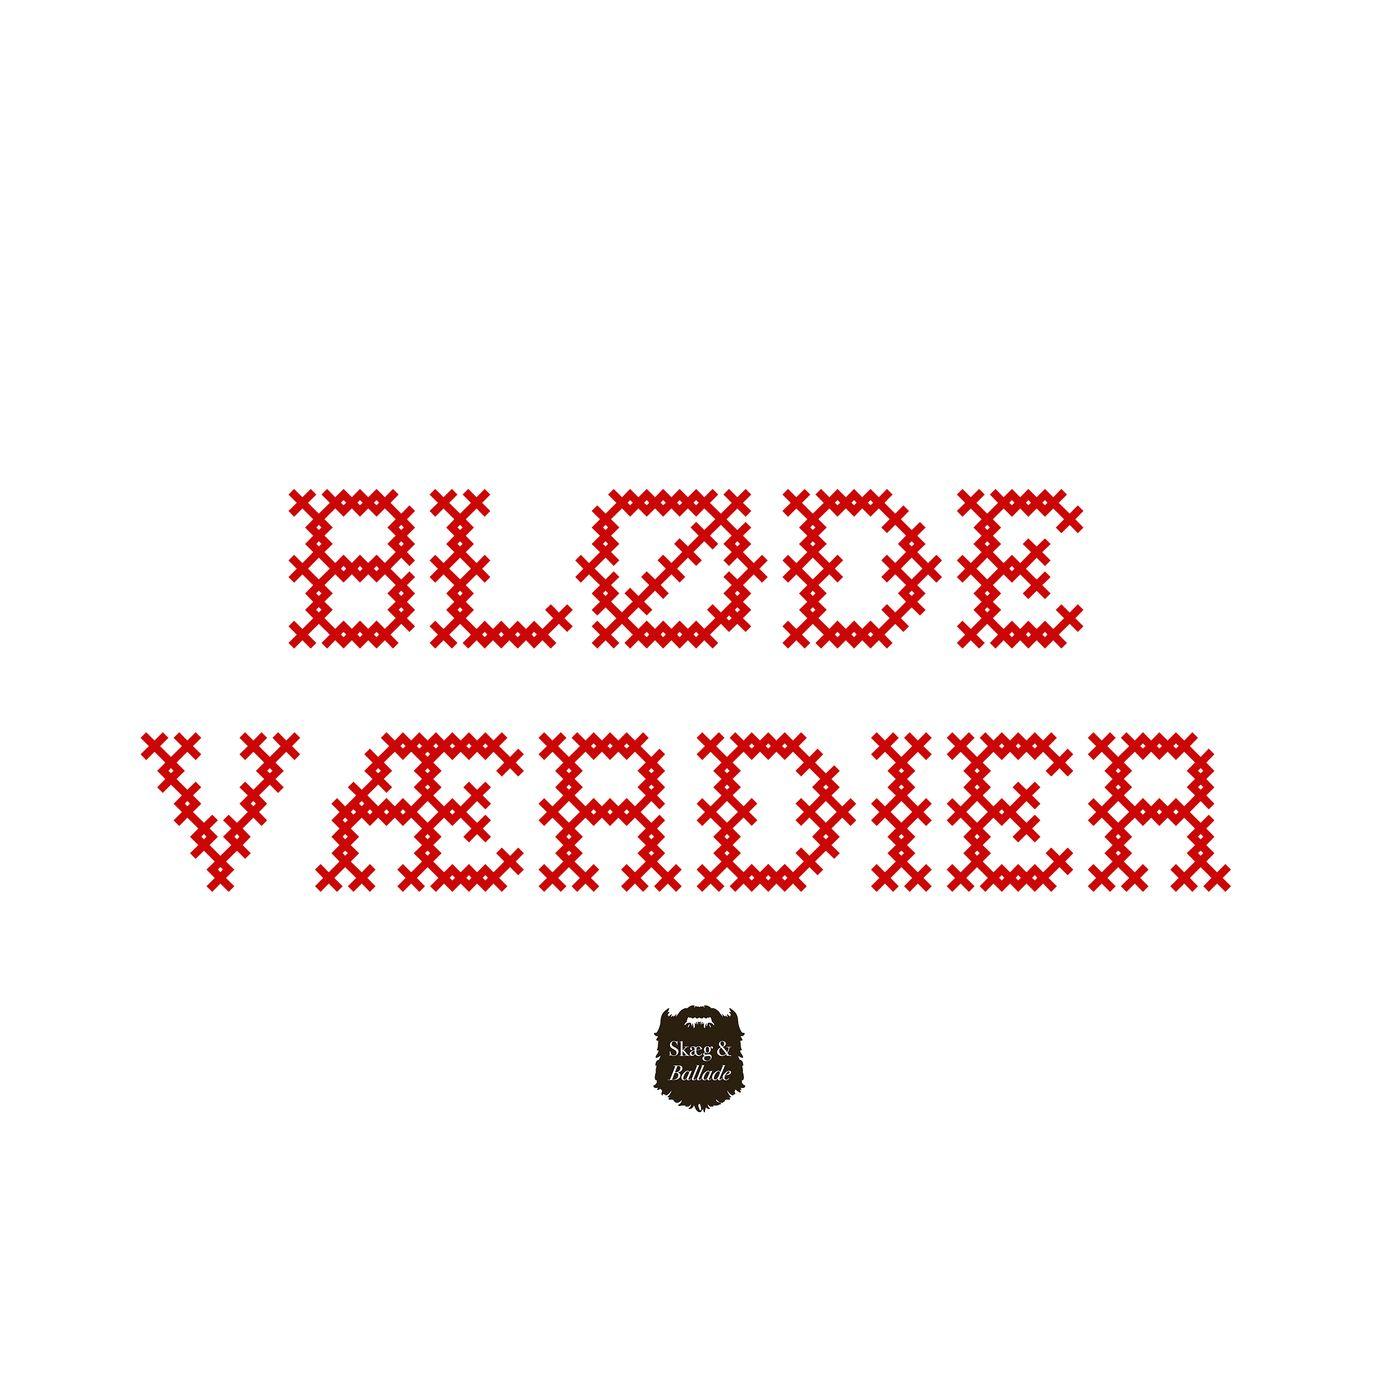 Bløde Værdier #39 - Den med Peter Frøkjær |Mandesager.dk